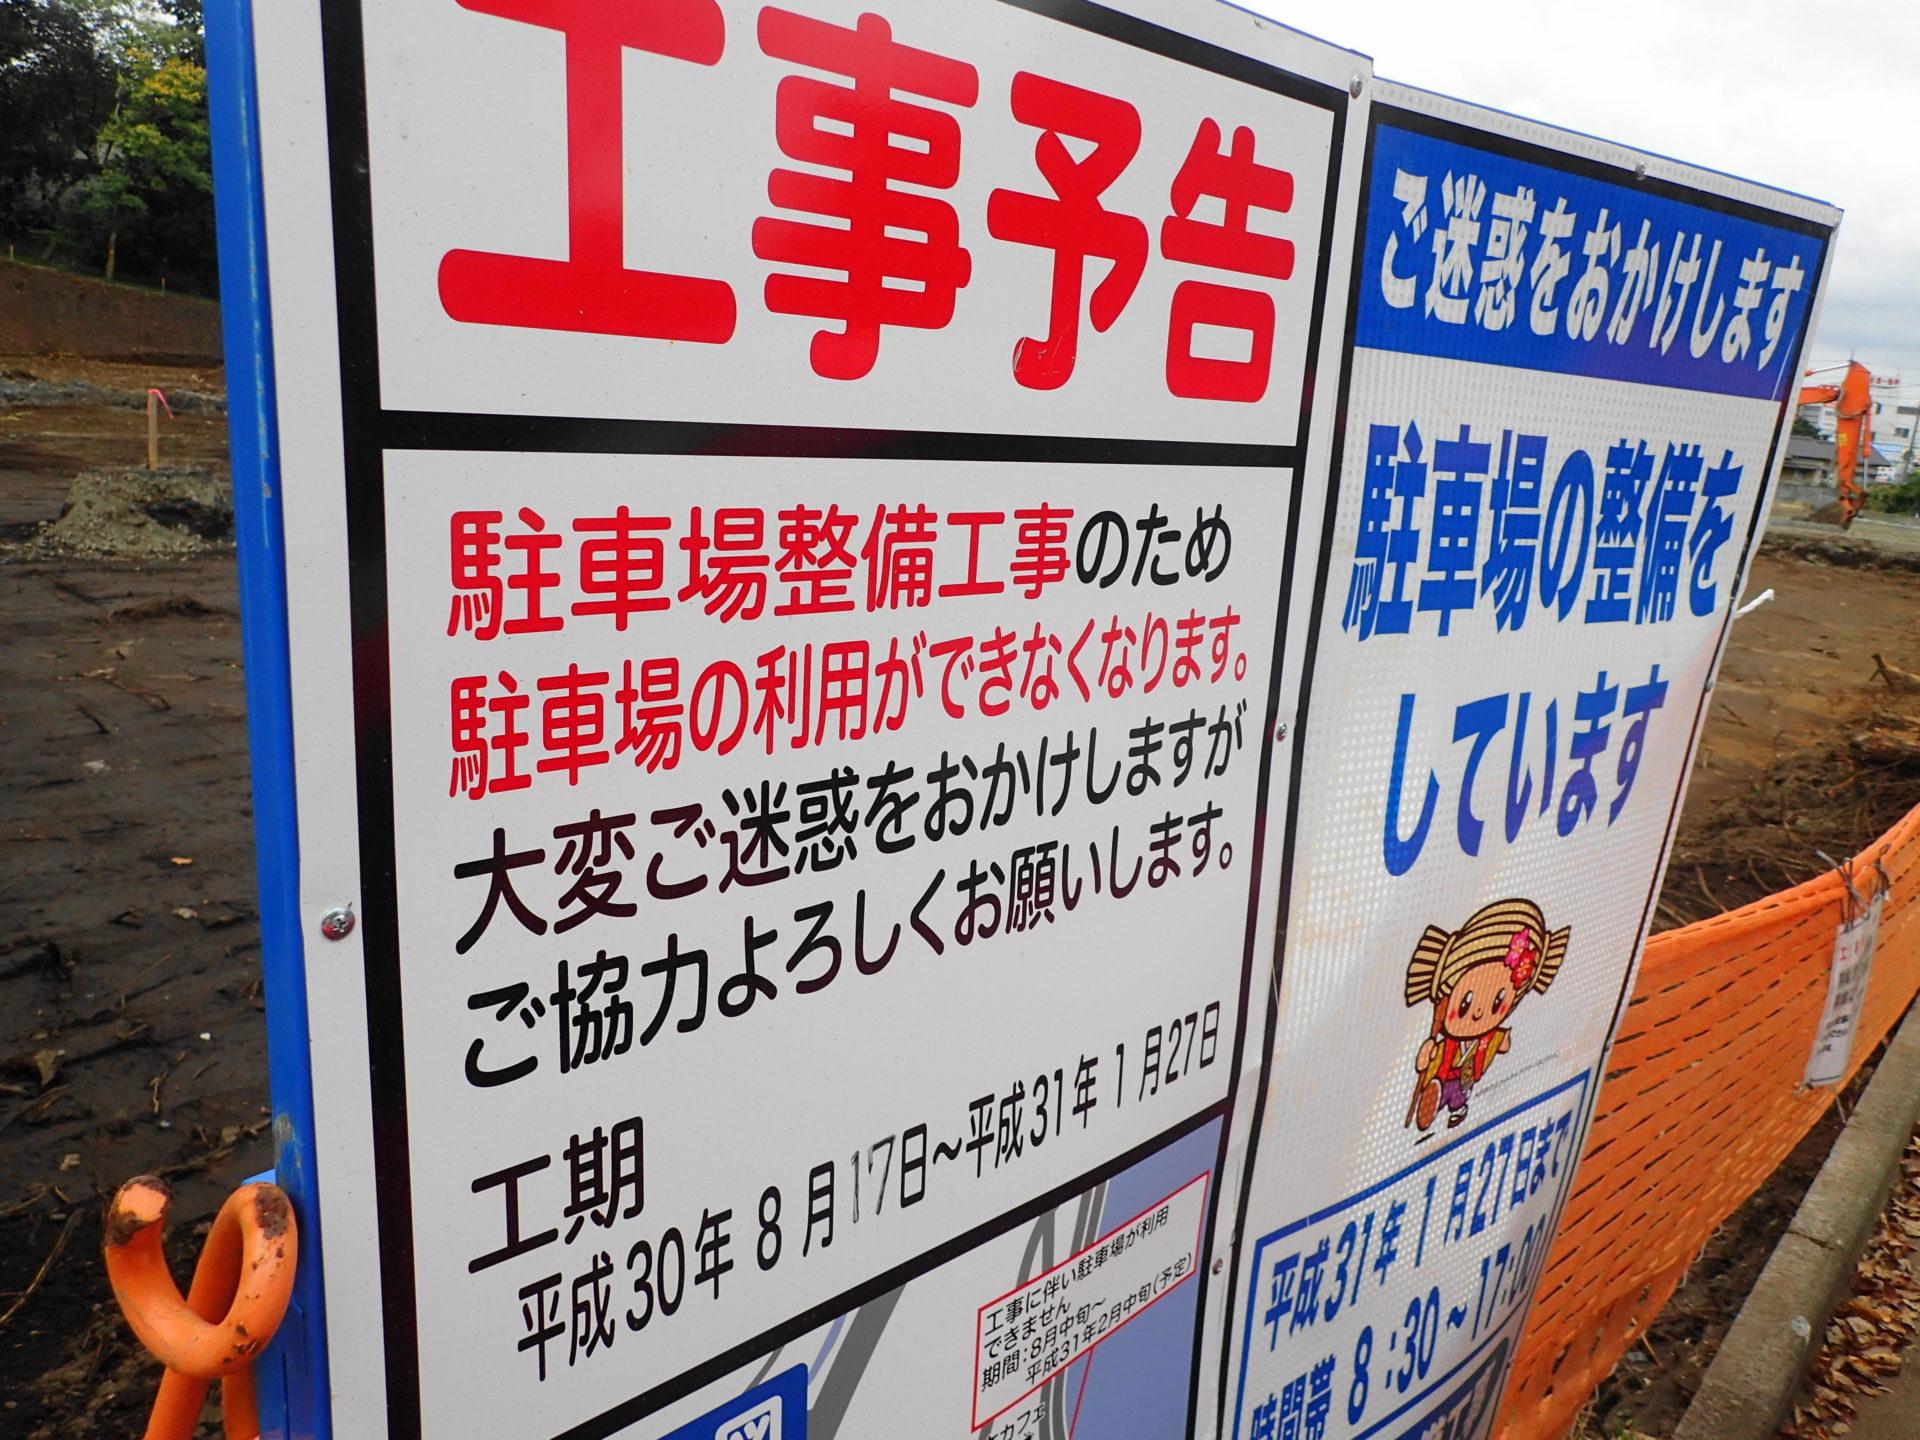 千波公園(少年の森)の整備に伴う駐車場の利用制限 - いばらじお♪